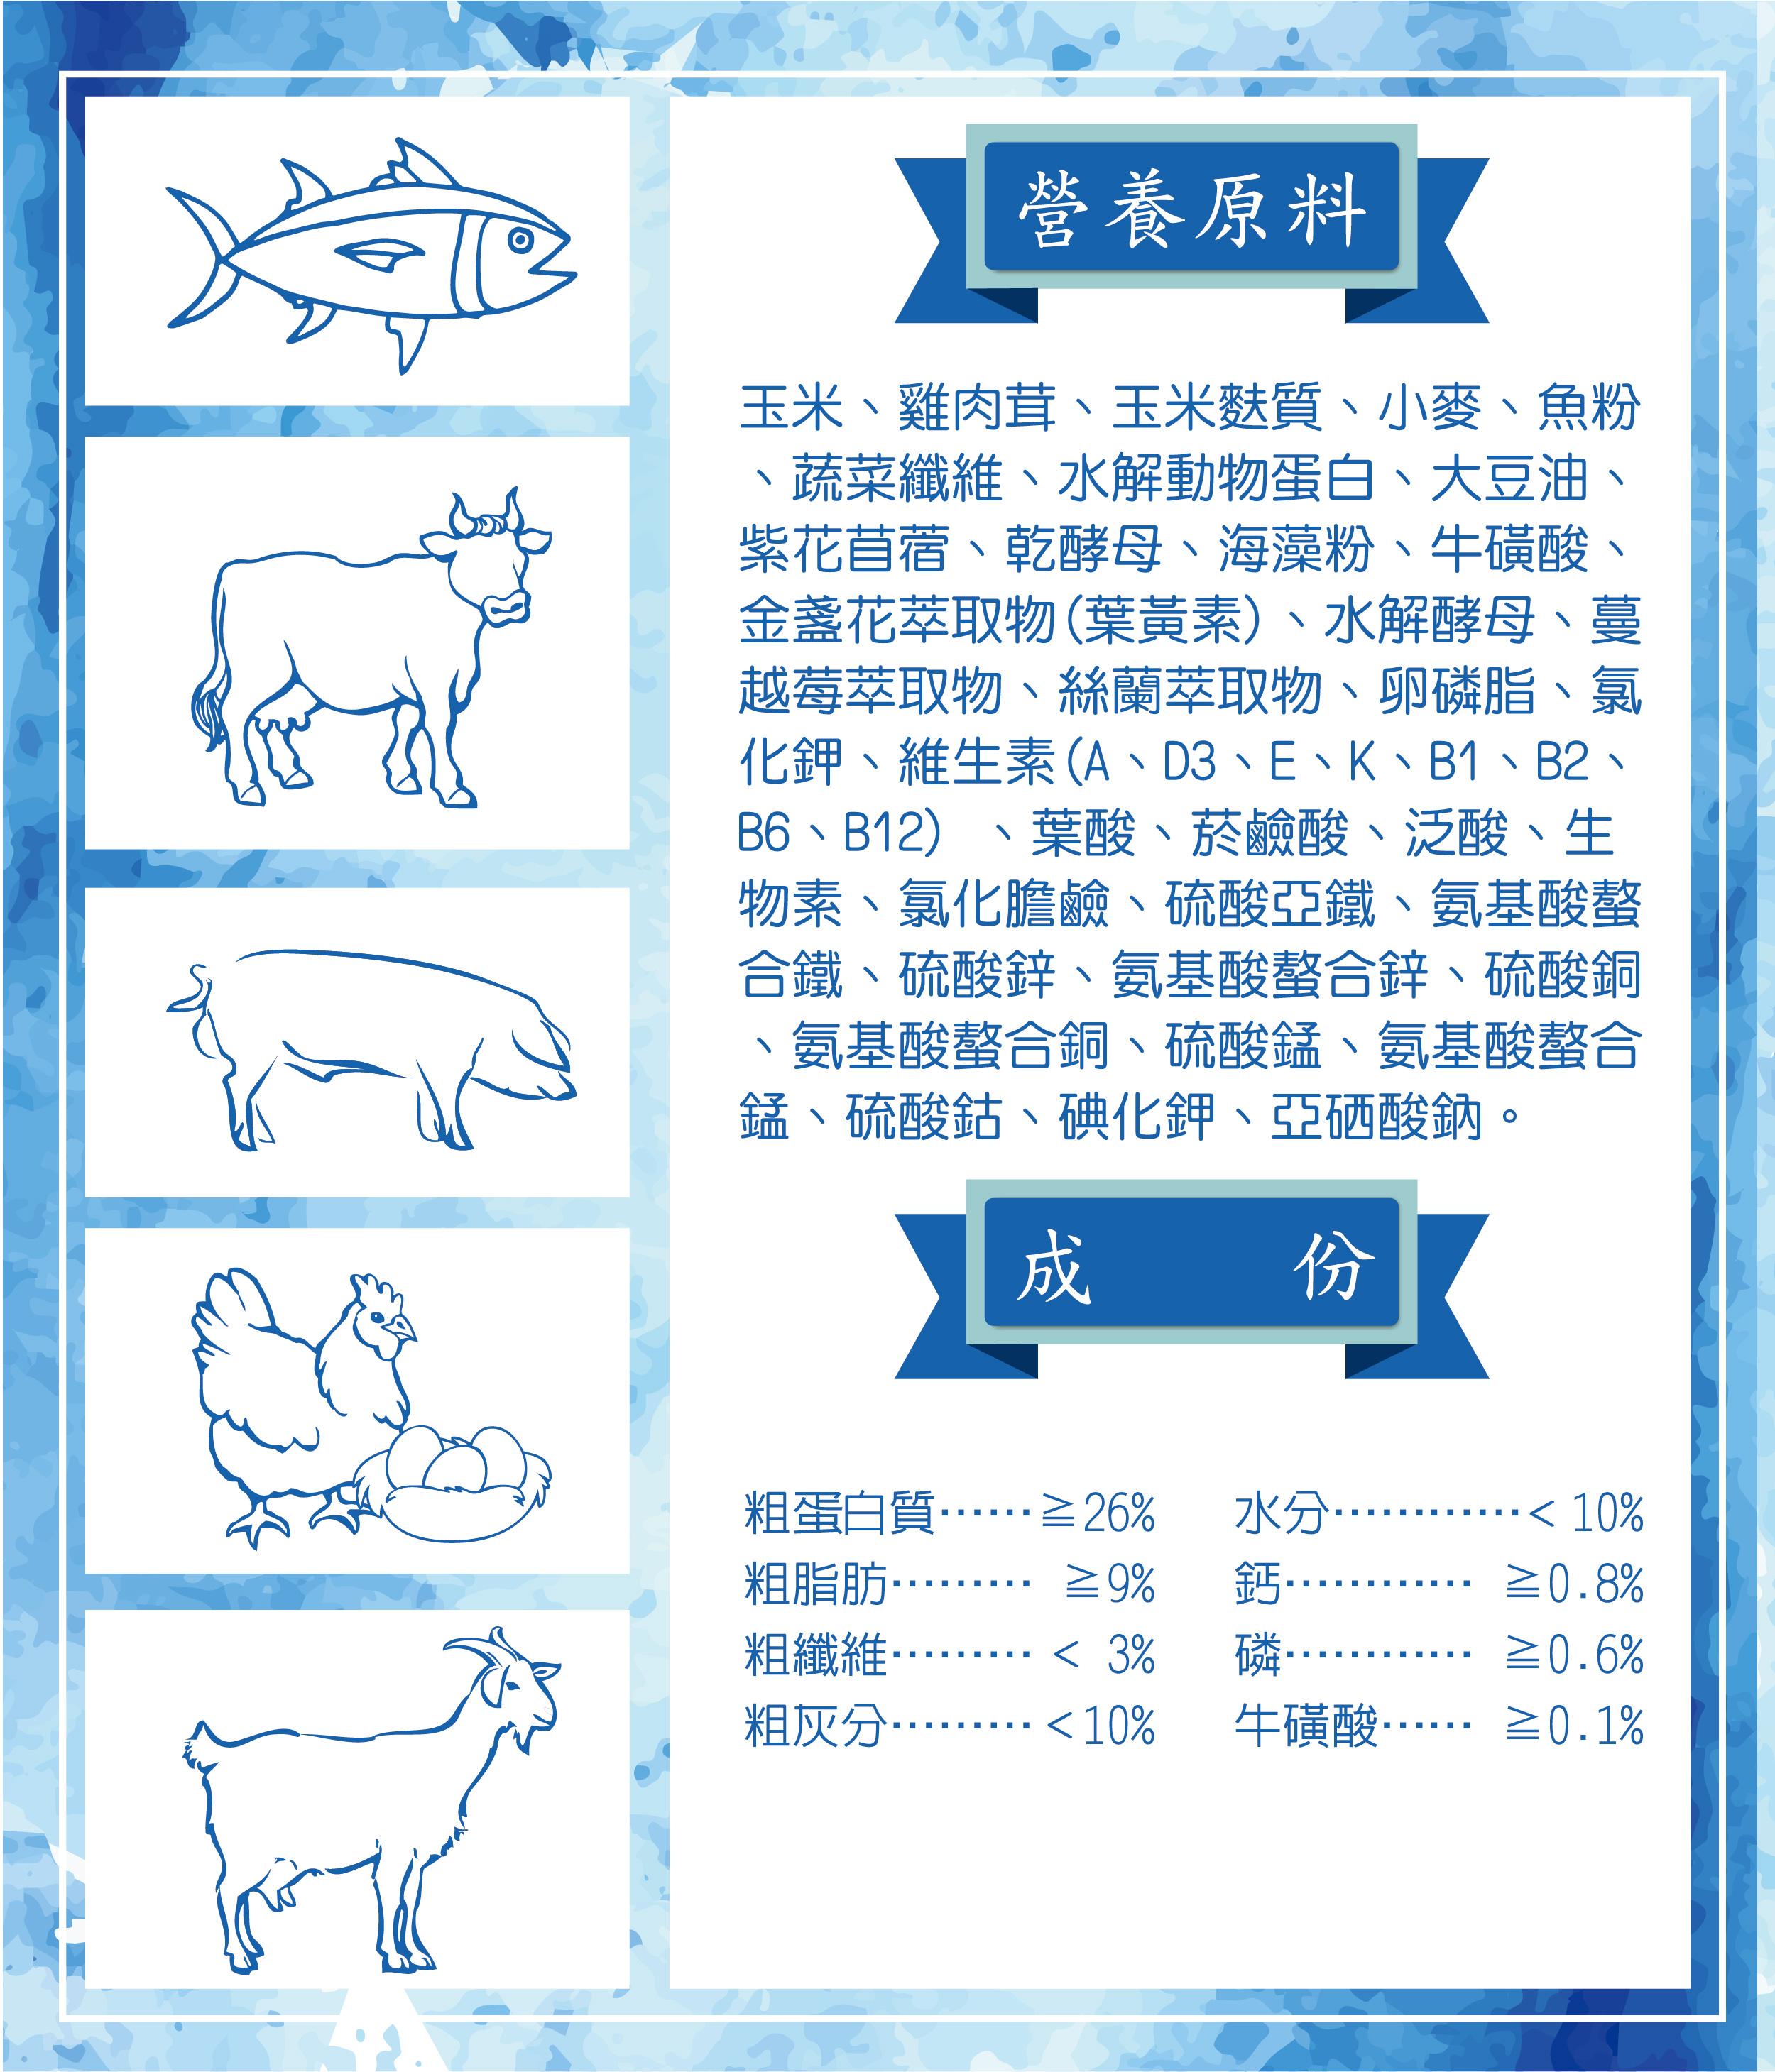 五星級保健配方,專為挑嘴貓、食慾不佳的貓咪調配設計│全球寵物-戀戀貓乾糧